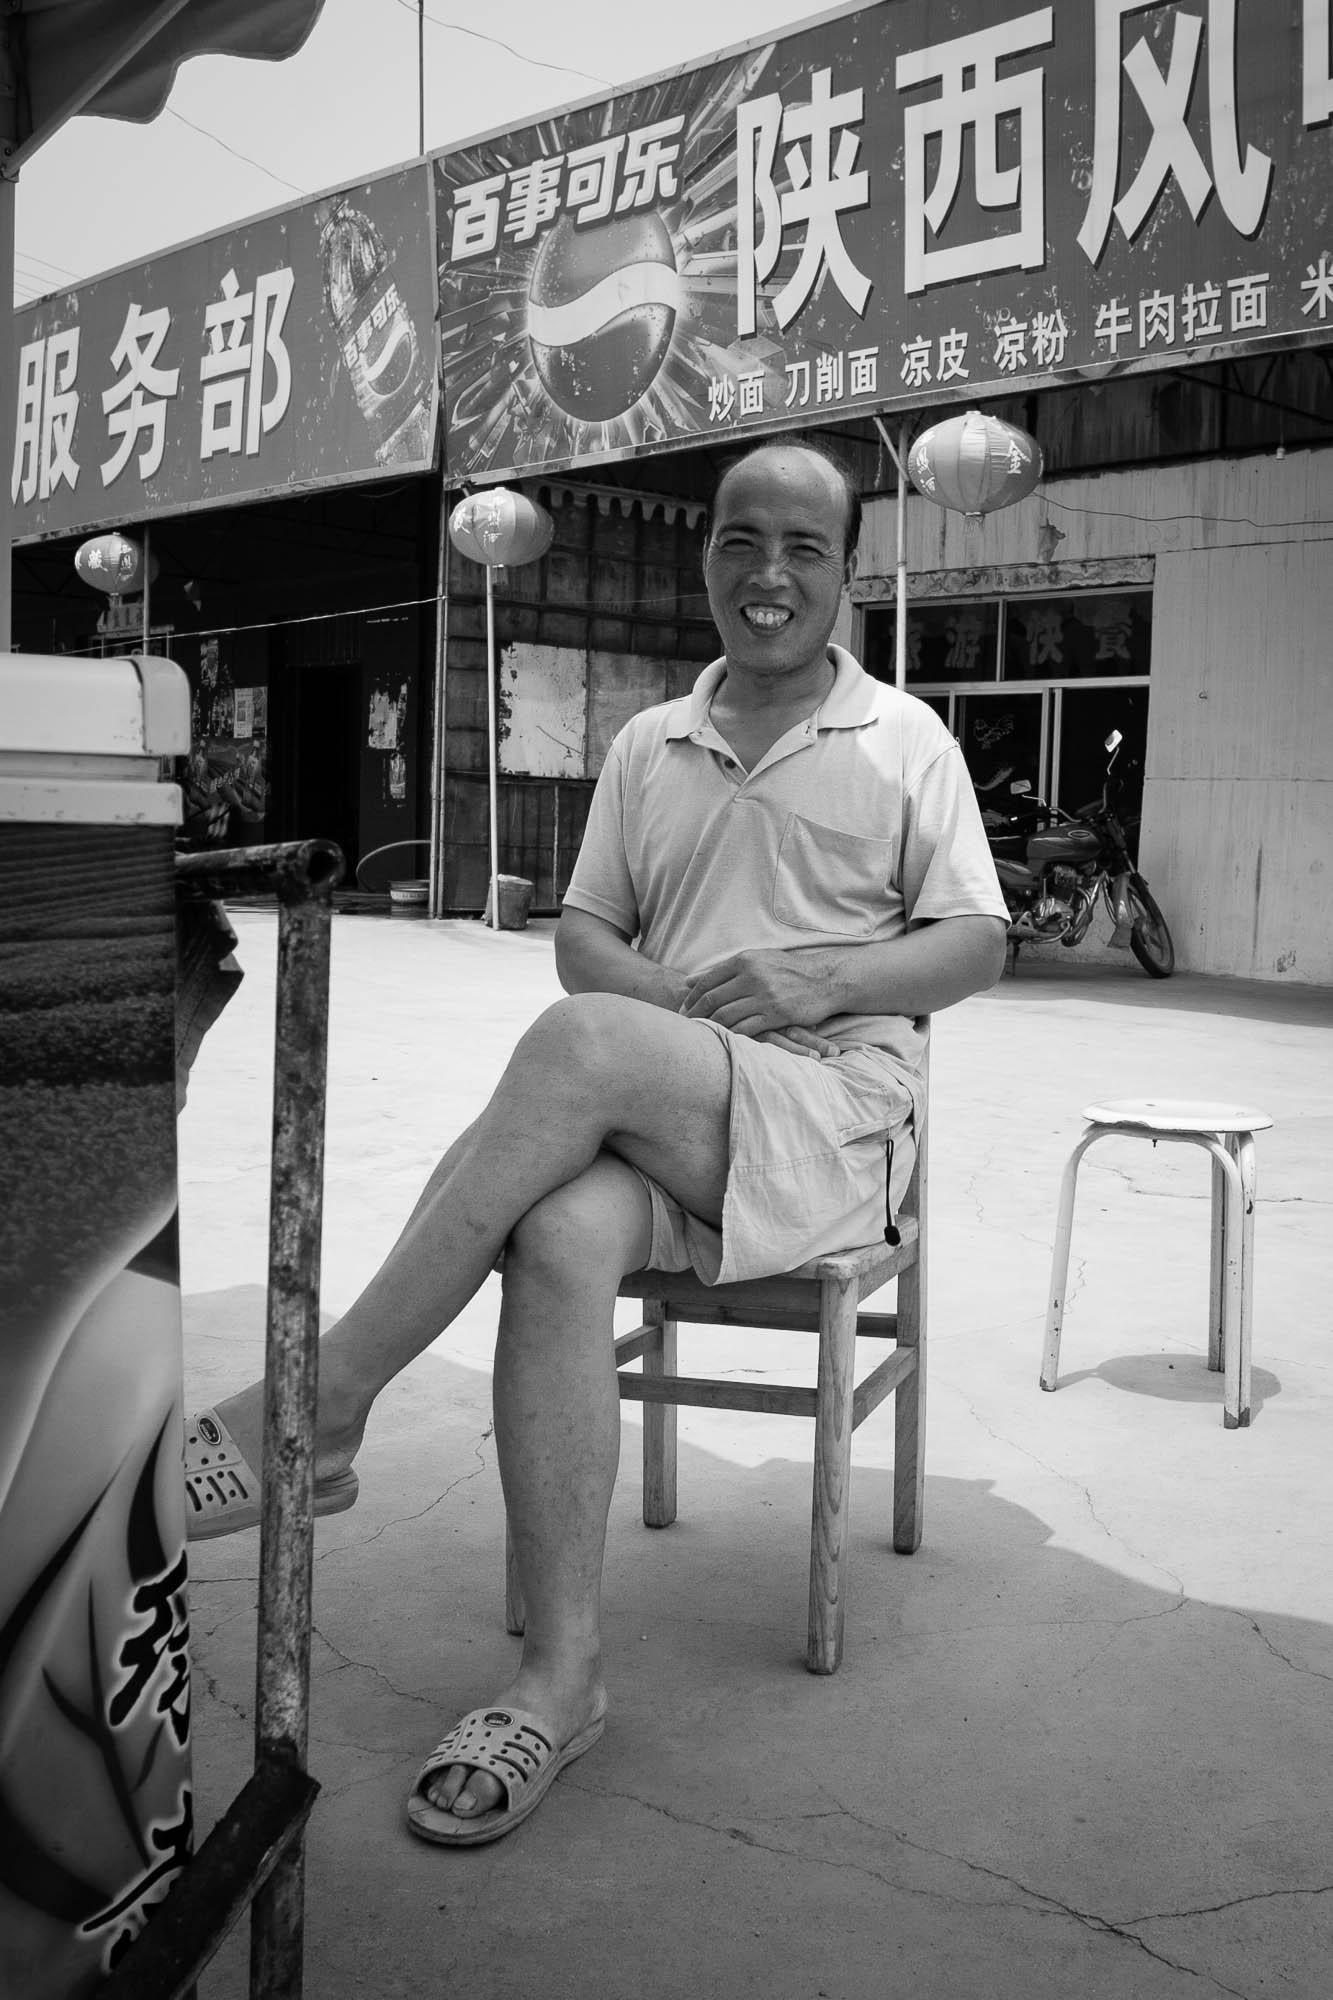 Mr. Mao 2006